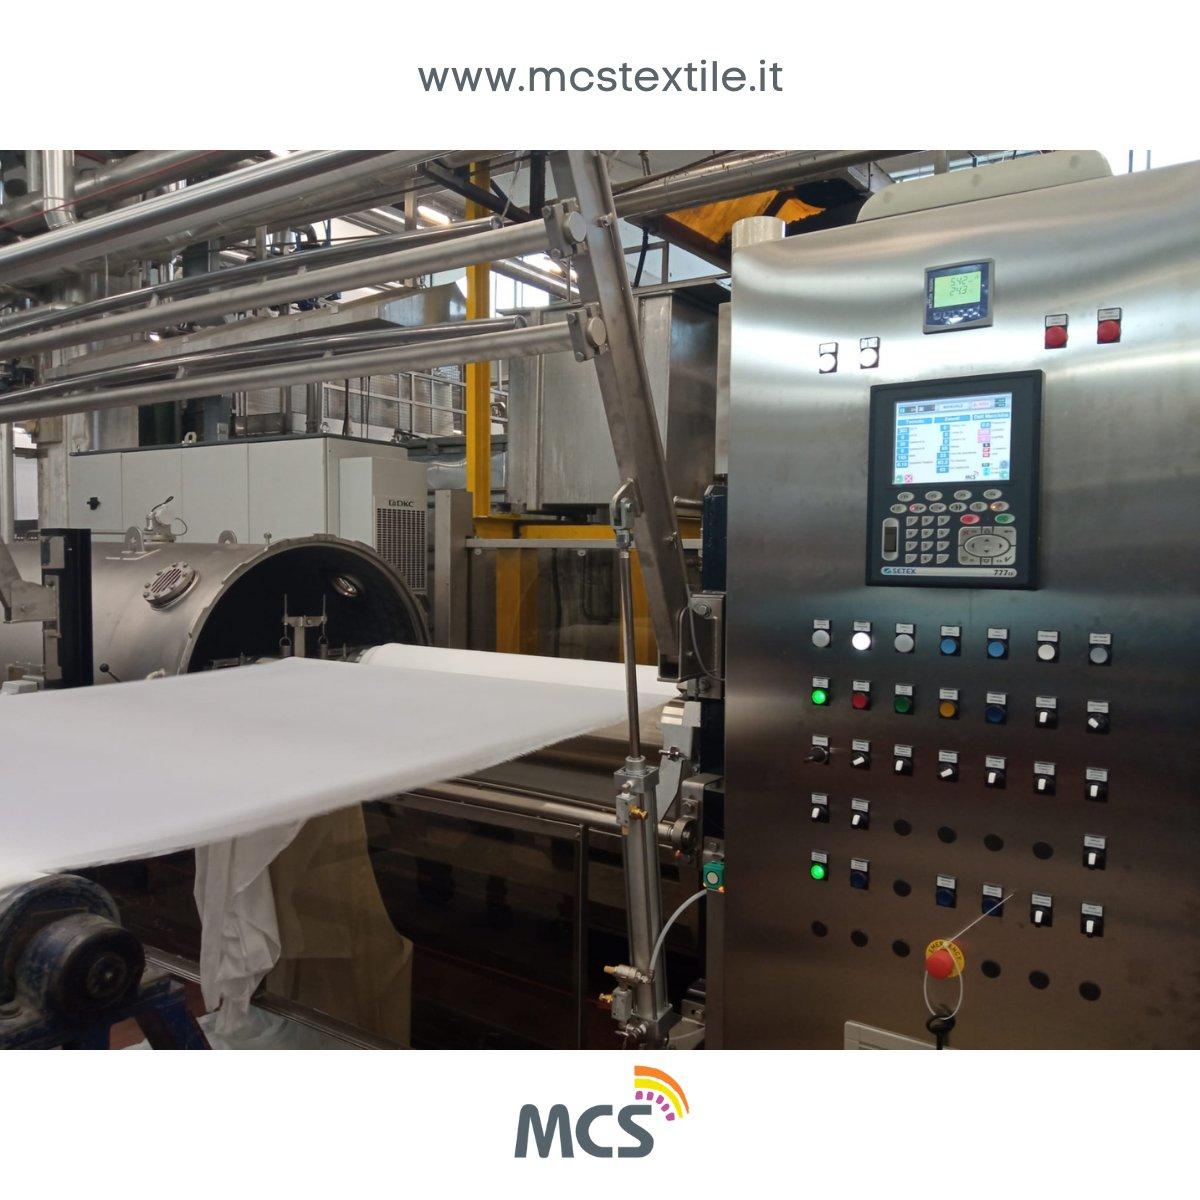 MCS Textile